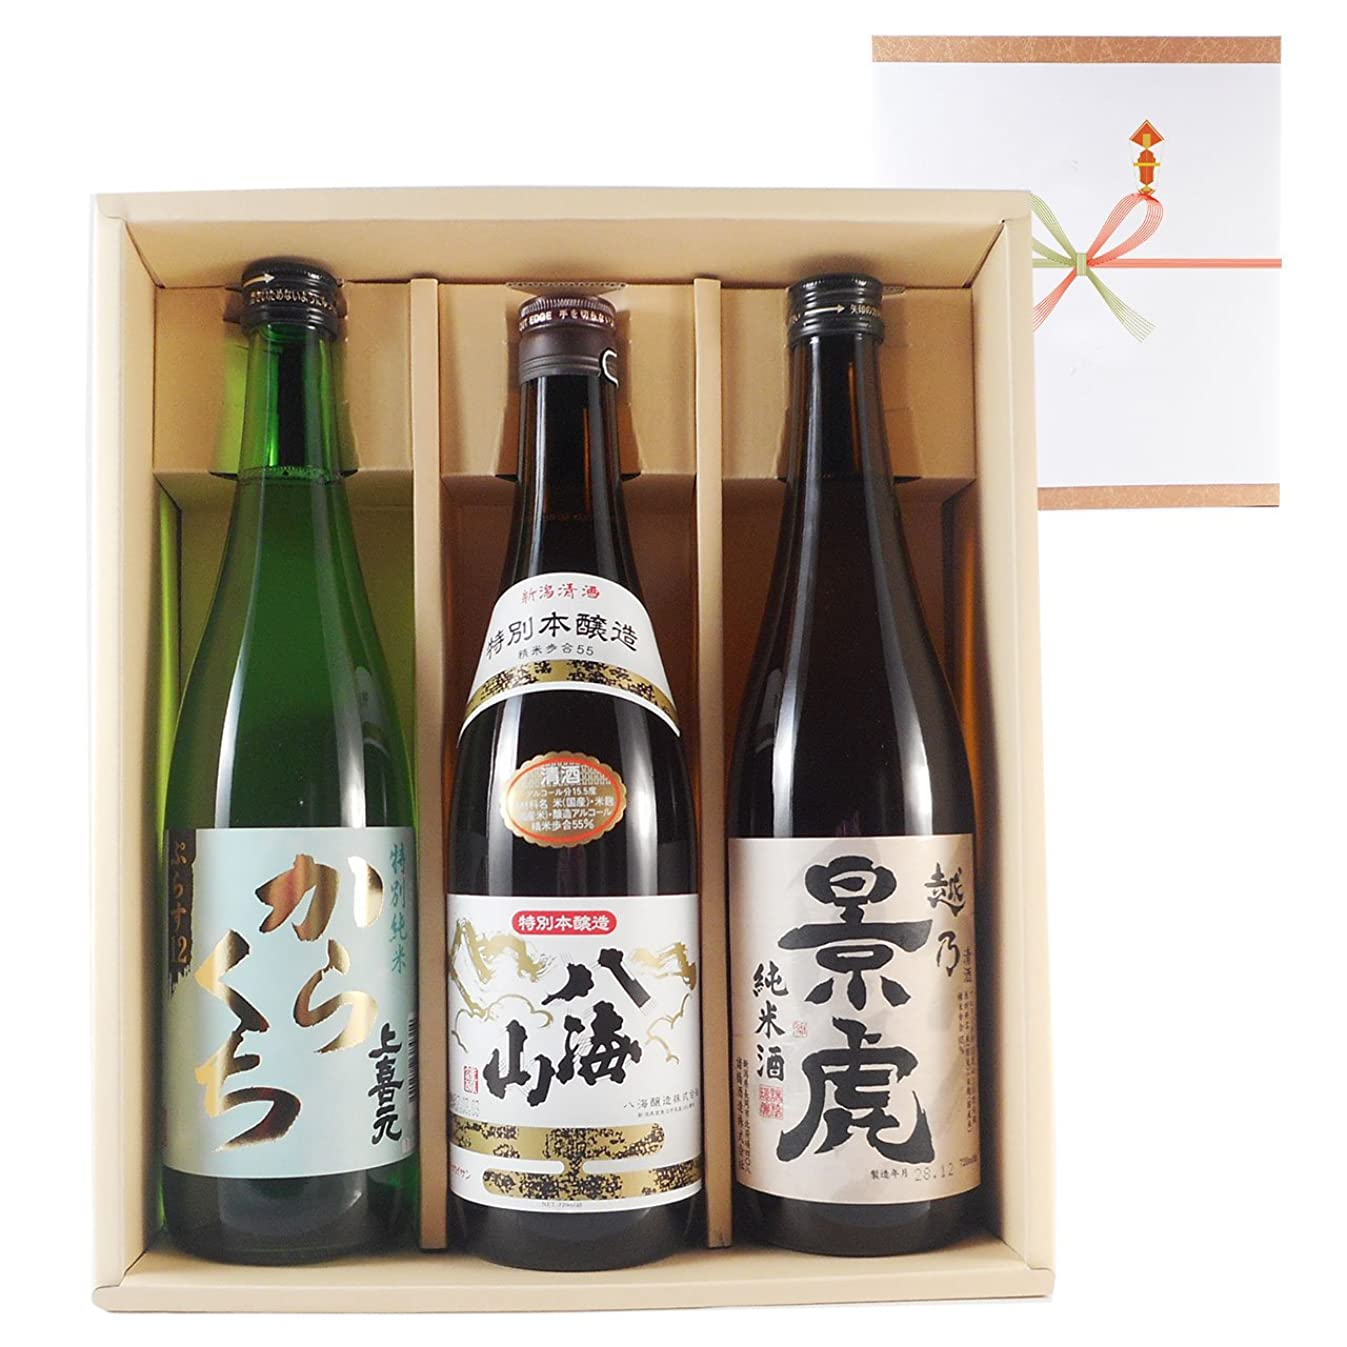 イブニング壮大謎めいたお中元 プレゼント ギフト 日本酒 飲み比べセット 「上喜元」「八海山」「越乃景虎」 720ml 3本